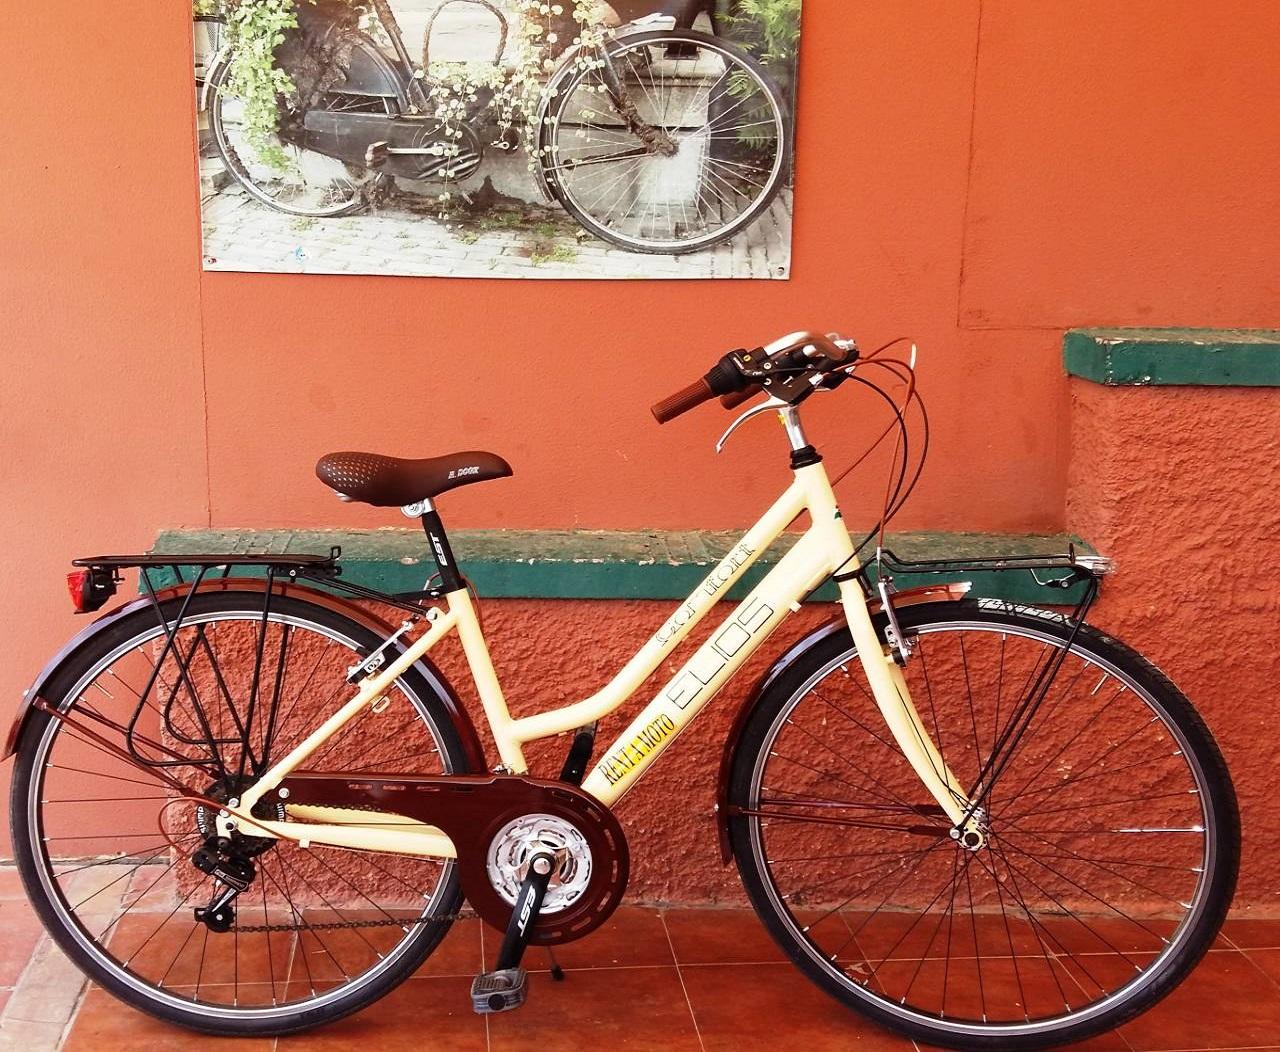 Ενοικιαζόμενα ποδήλατα στην Χίο